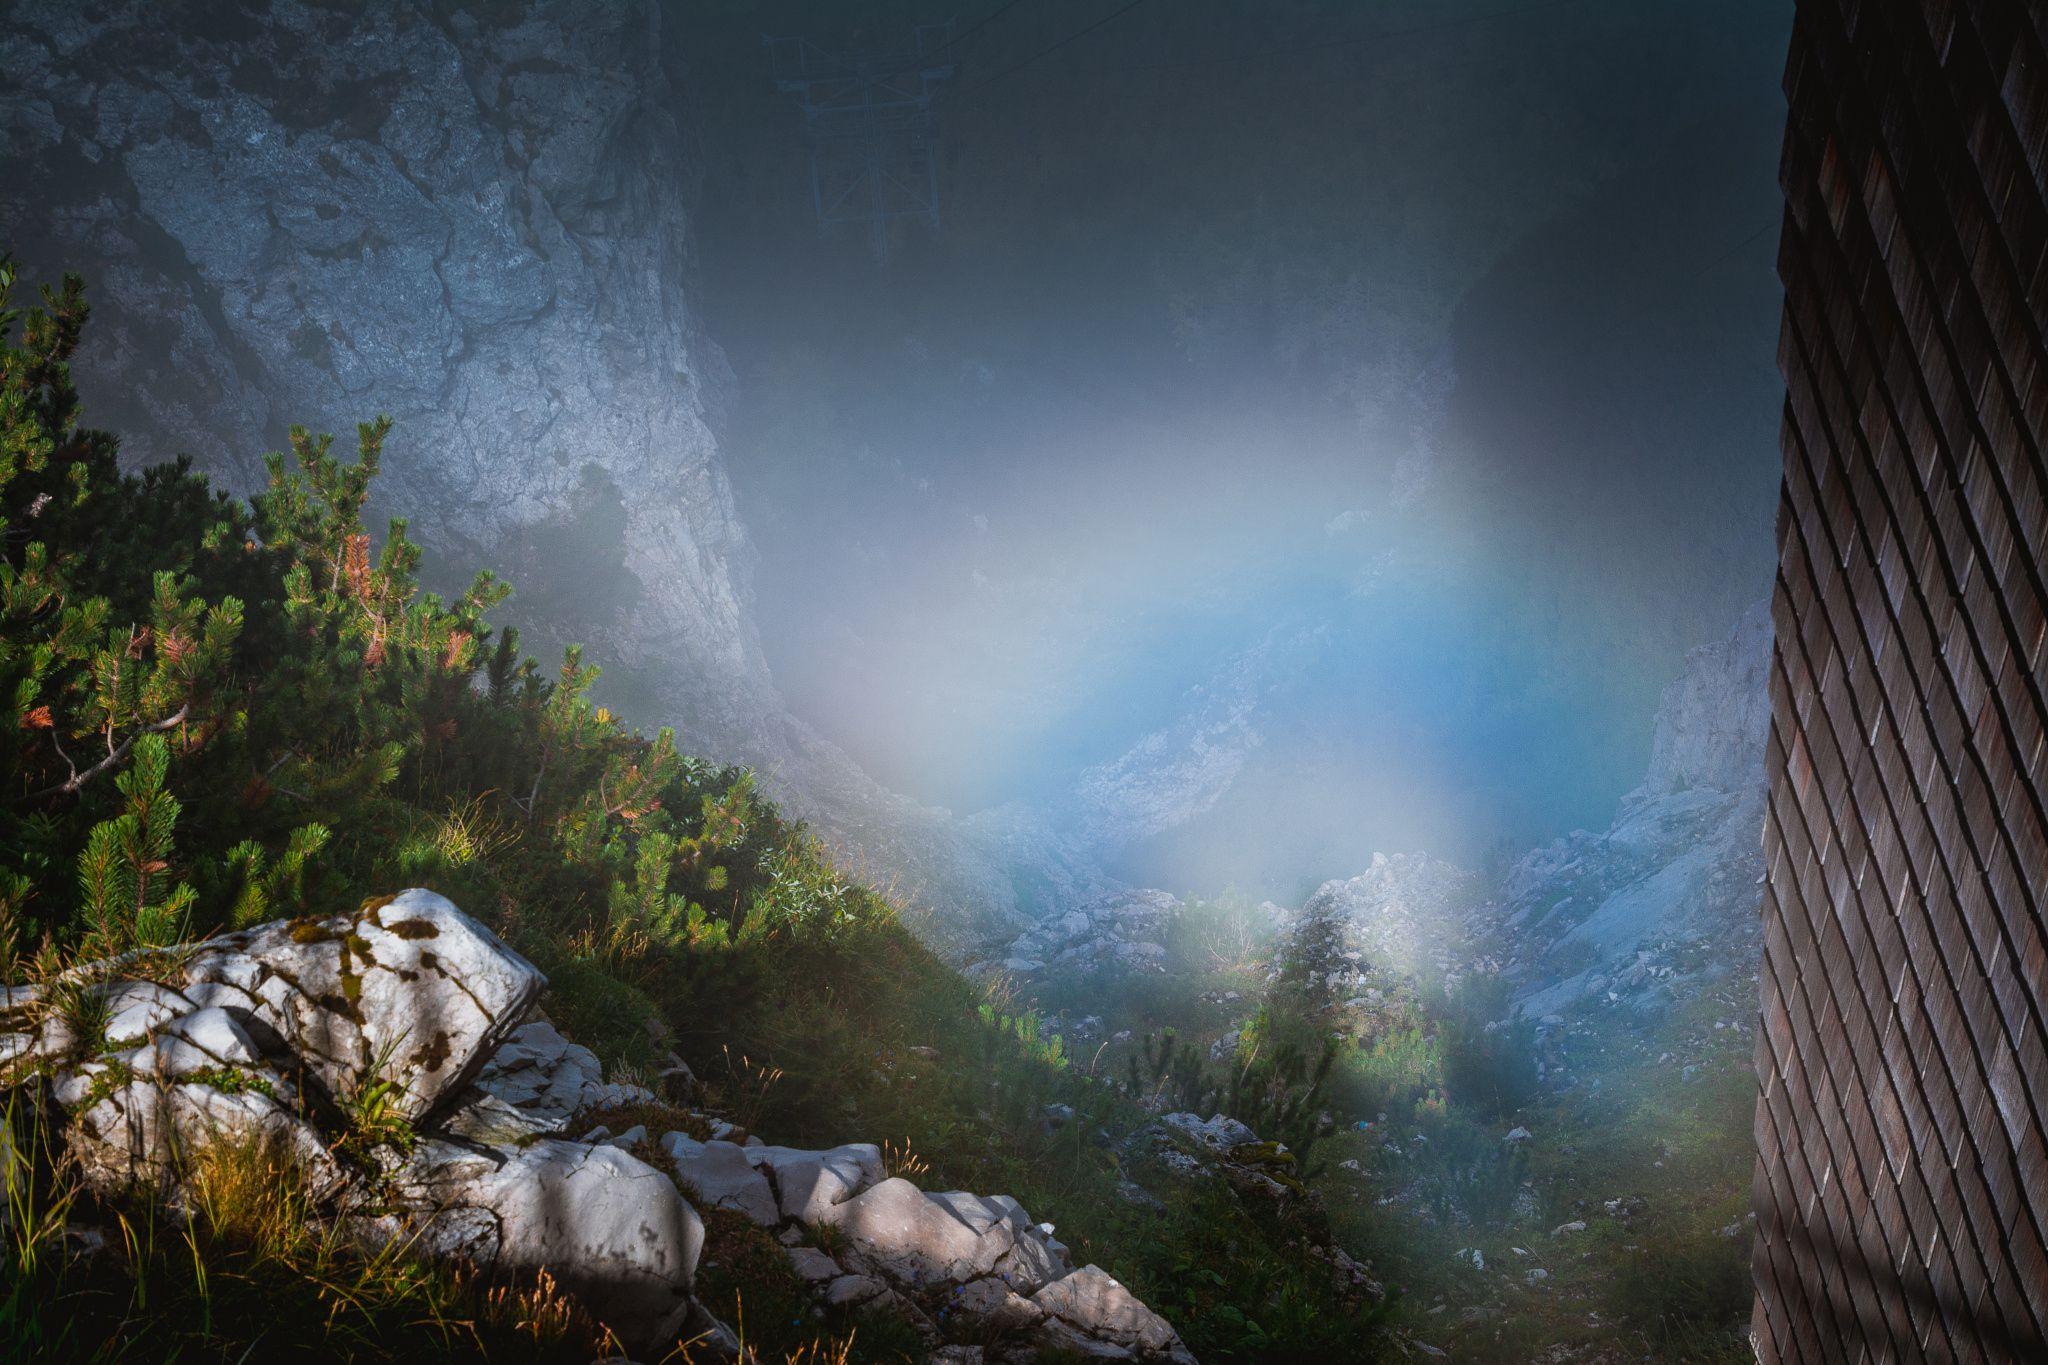 rainbow by Dario Šebek on 500px